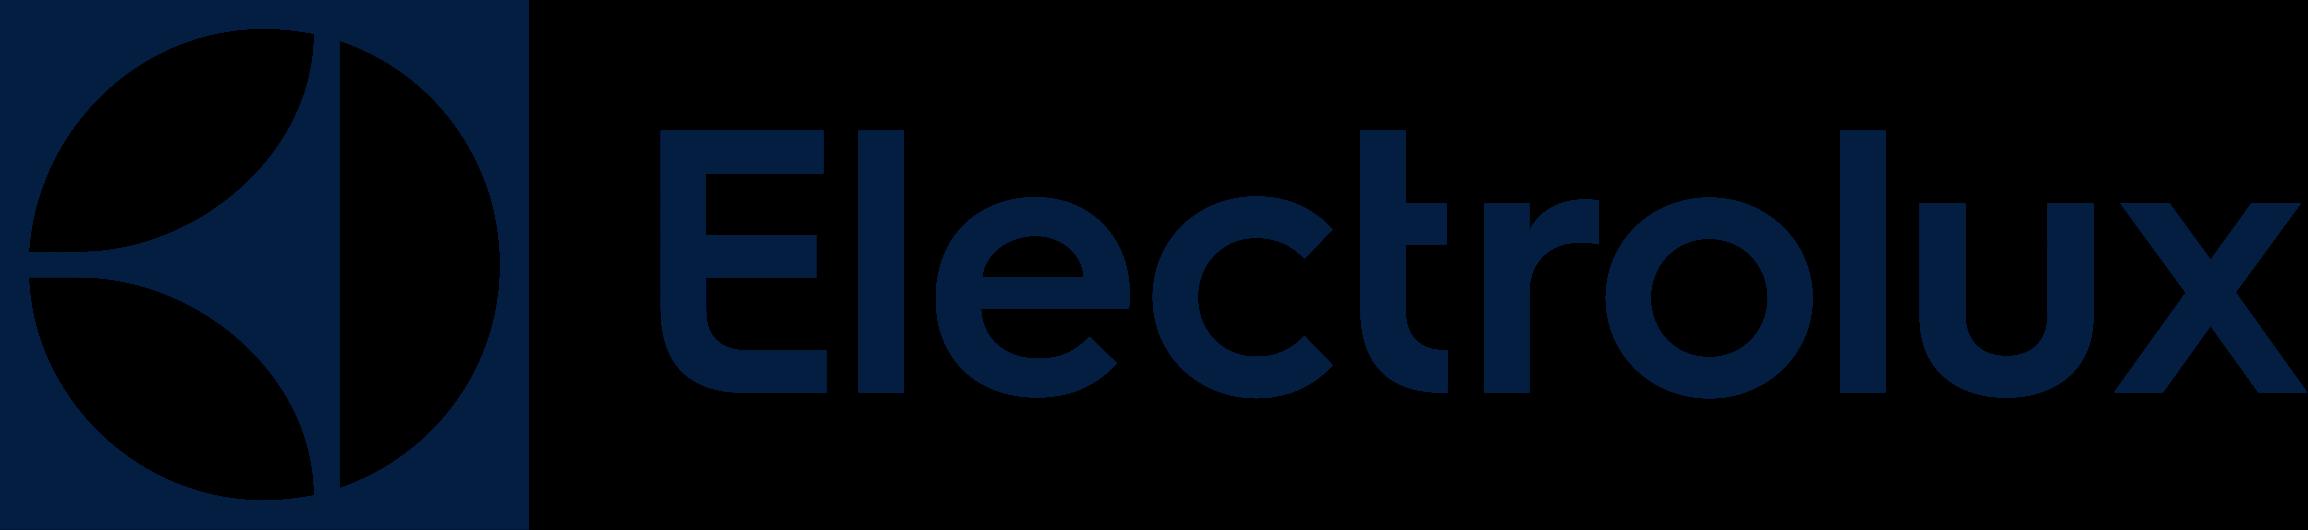 electrolux-logopng